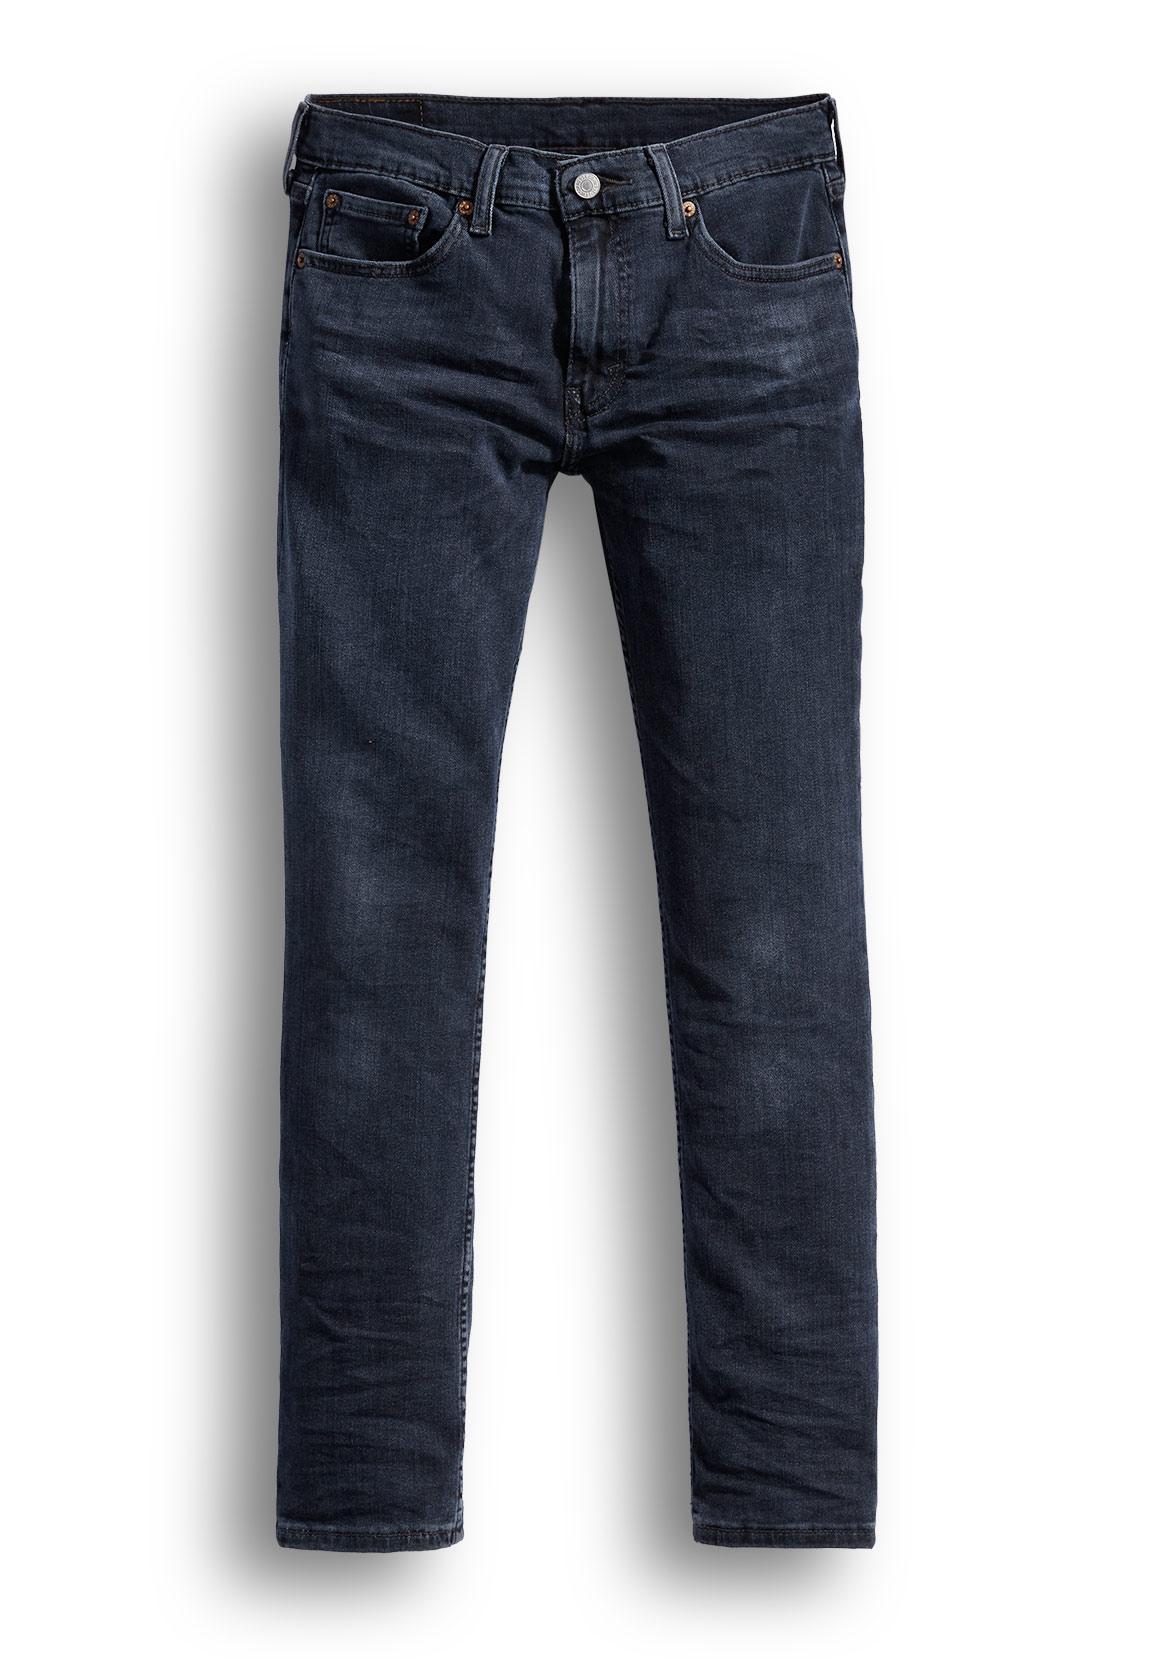 levis herren jeans 511 slim fit 04511 2090 dunkelblau. Black Bedroom Furniture Sets. Home Design Ideas